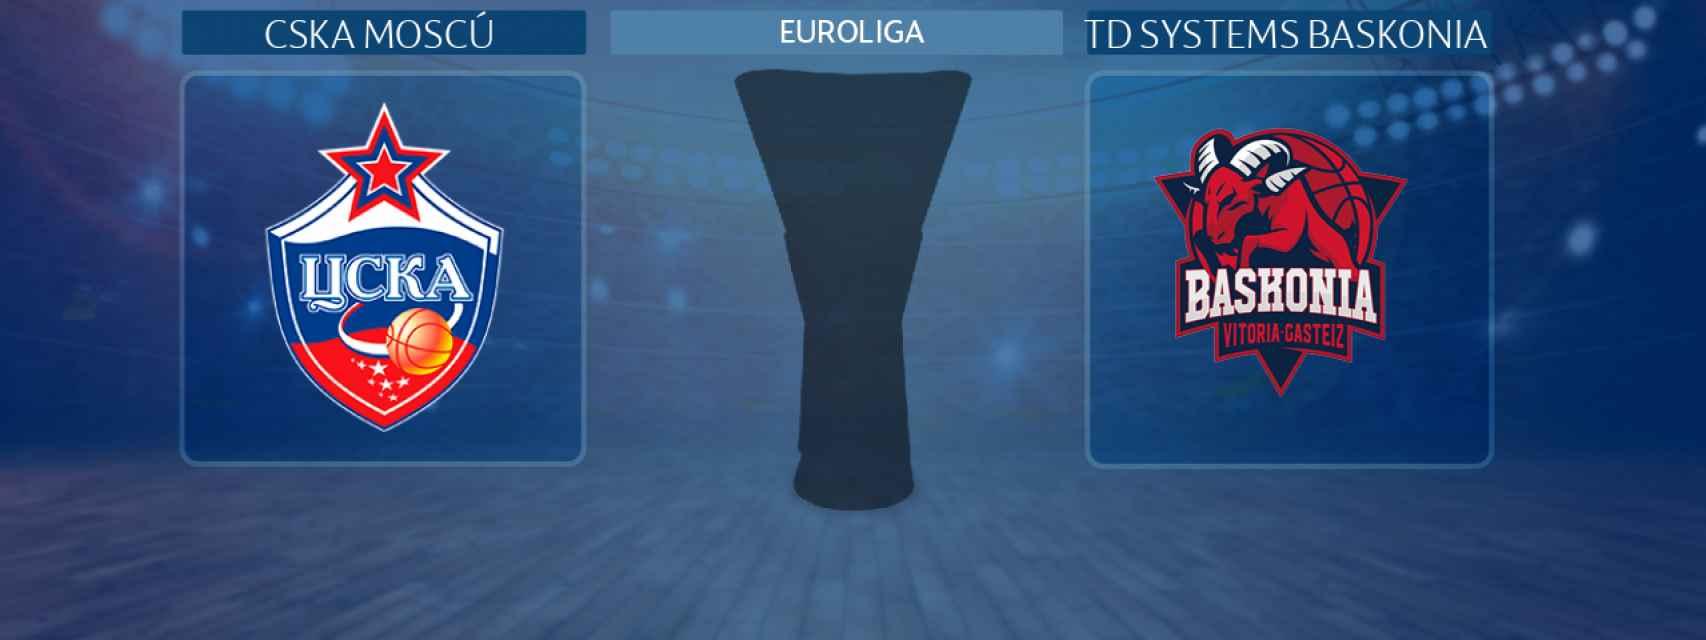 CSKA Moscú - TD Systems Baskonia, partido de la Euroliga